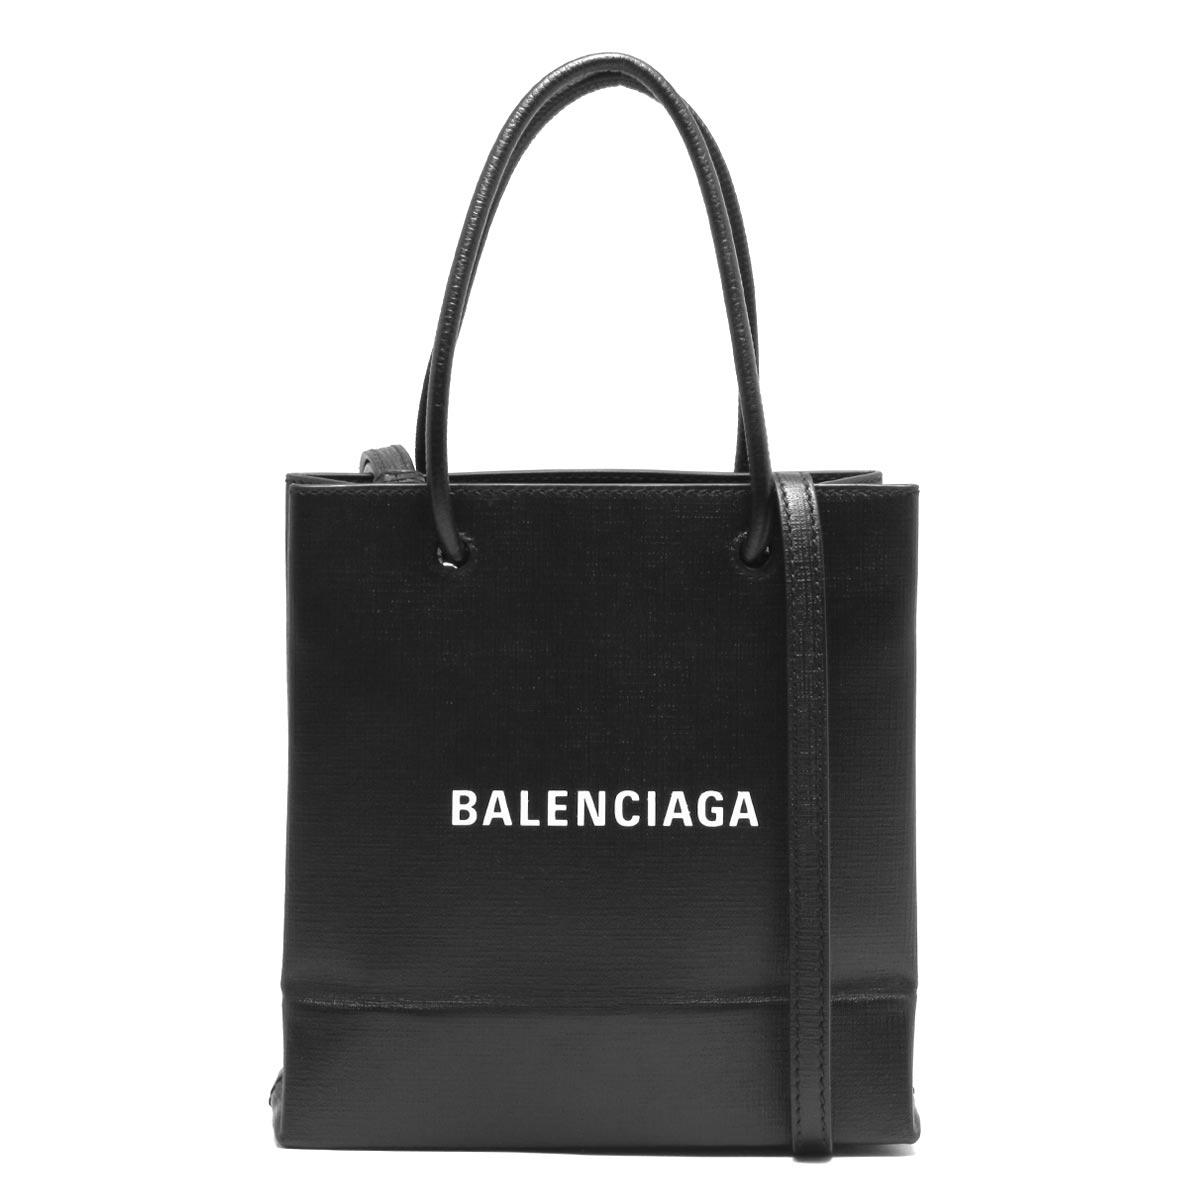 バレンシアガ ハンドバッグ/ショルダーバッグ バッグ レディース ショッピング XXS ブラック 572411 0AI2N 1000 2020年春夏新作 BALENCIAGA